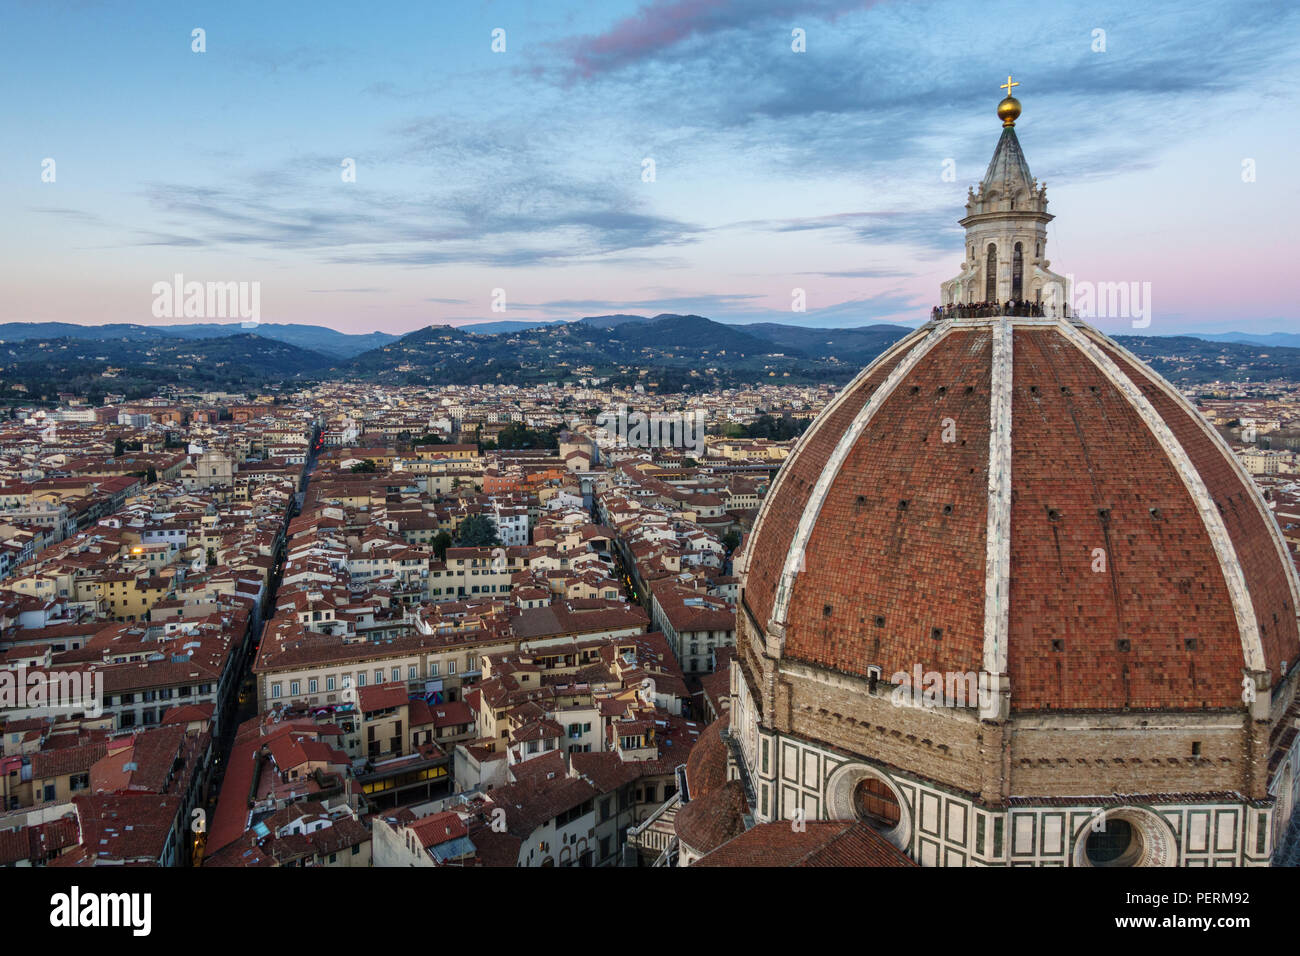 Firenze, Italia - 23 Marzo 2018: turisti si riuniscono sulla cupola del Duomo di Firenze Duomo per guardare il tramonto. Immagini Stock